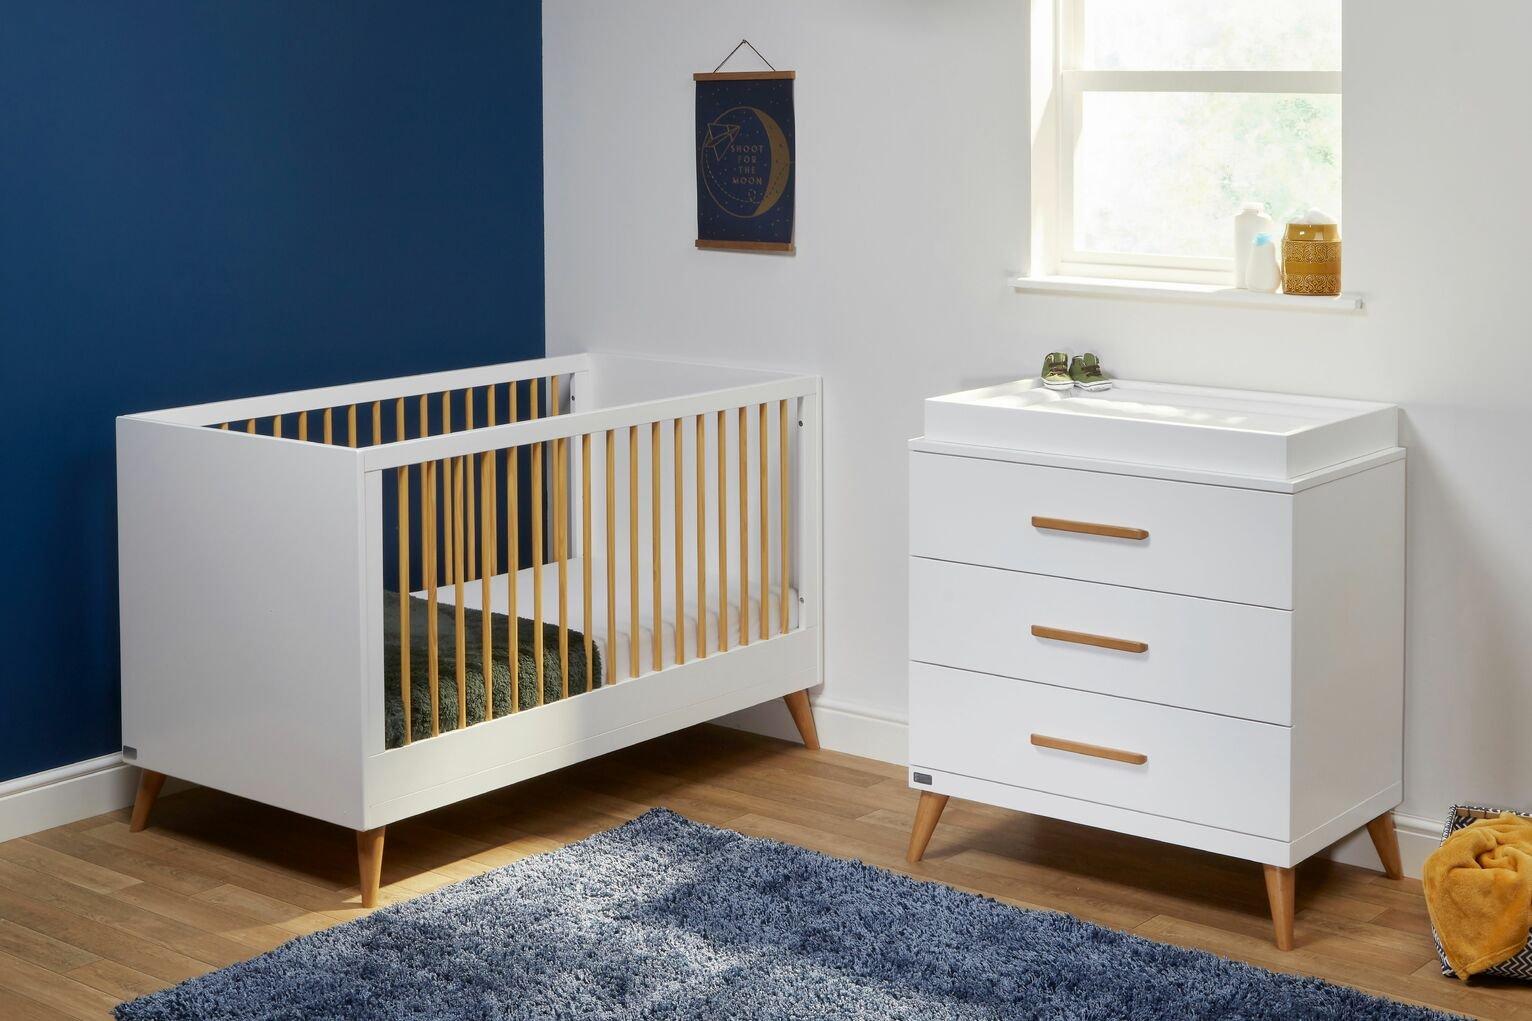 East Coast Nursery Panama Cot Bed and Dresser Room Set